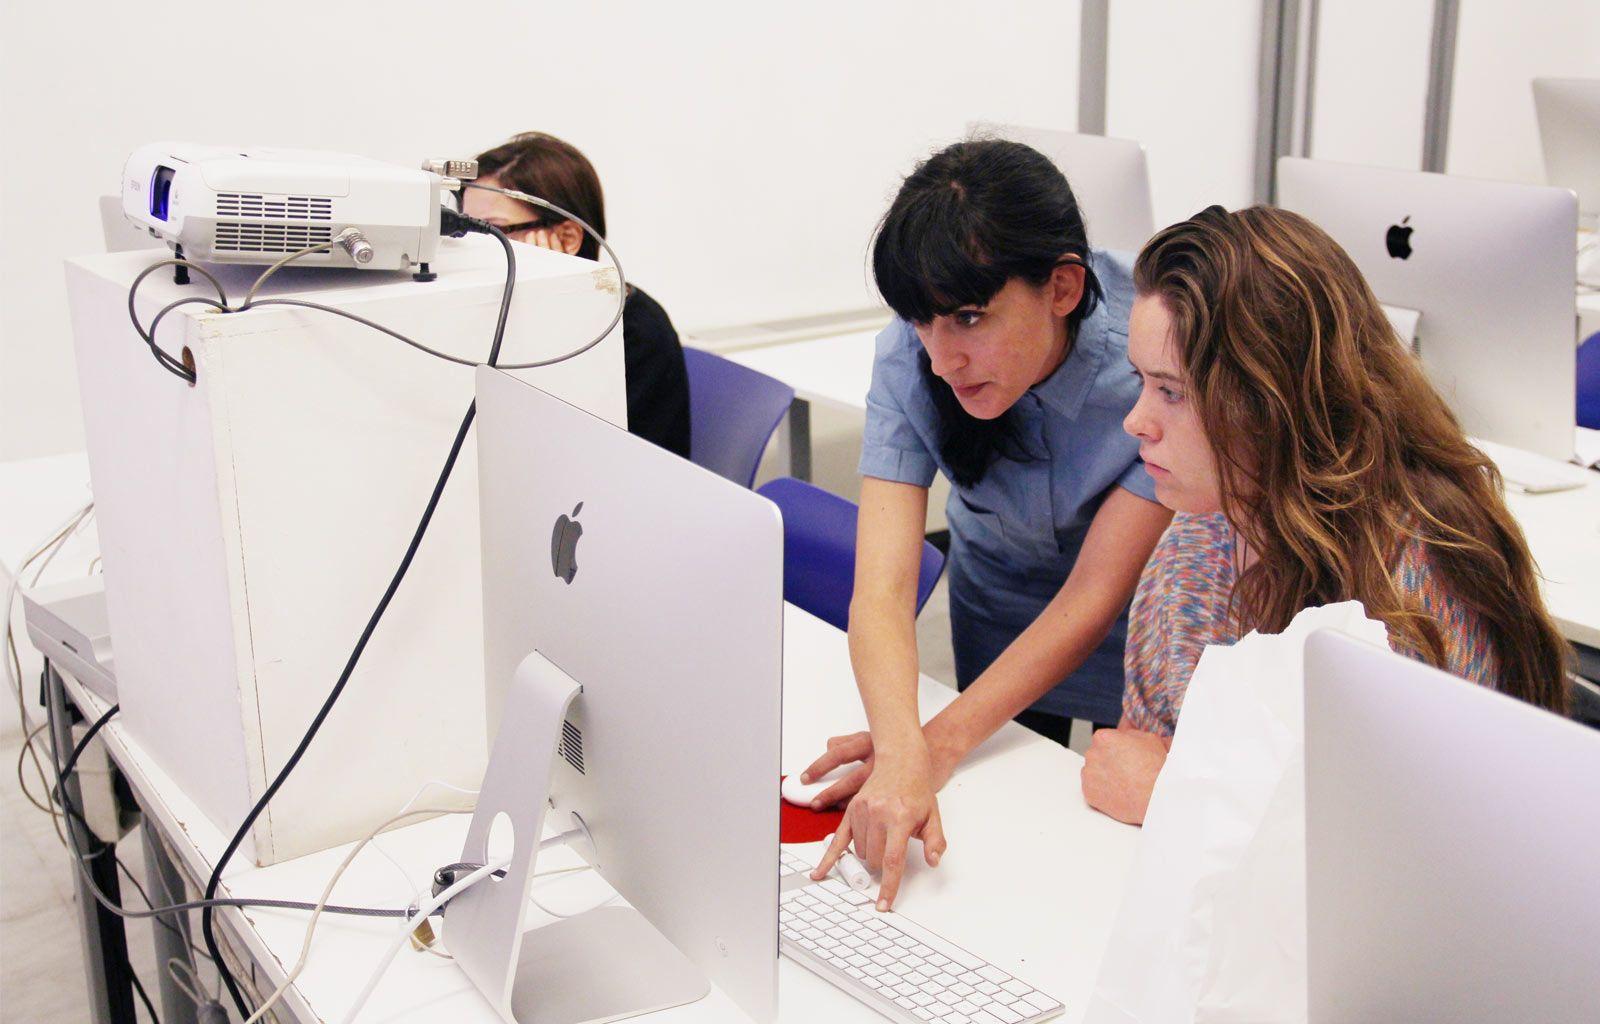 Fotografia IED Madrid oferta a partir de octubre su Diploma en